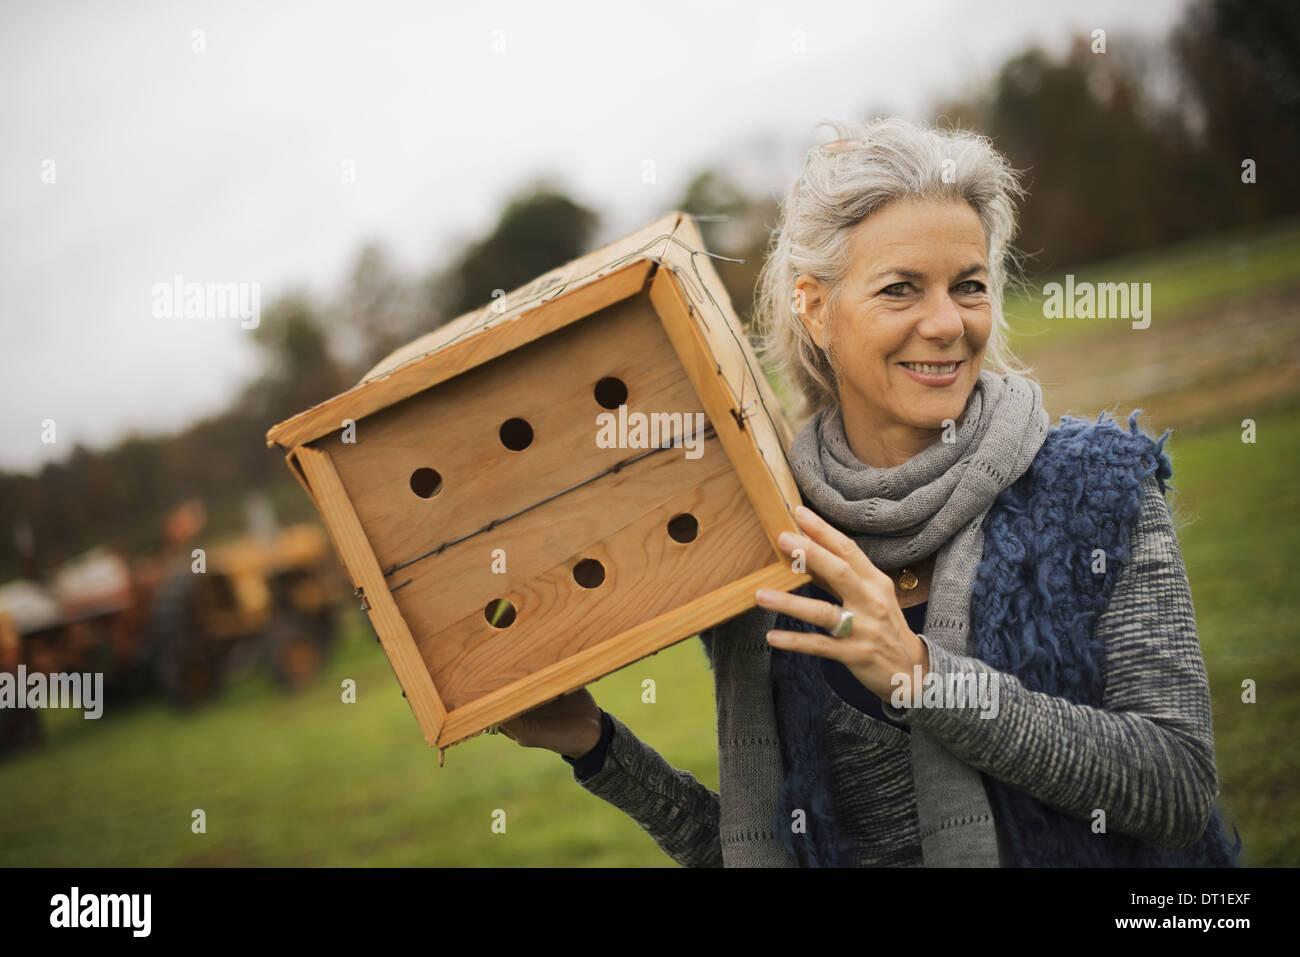 Agriculteur biologique au travail une femme tenant un bug box une boîte en bois avec des trous pour les insectes pour nicher dans Photo Stock